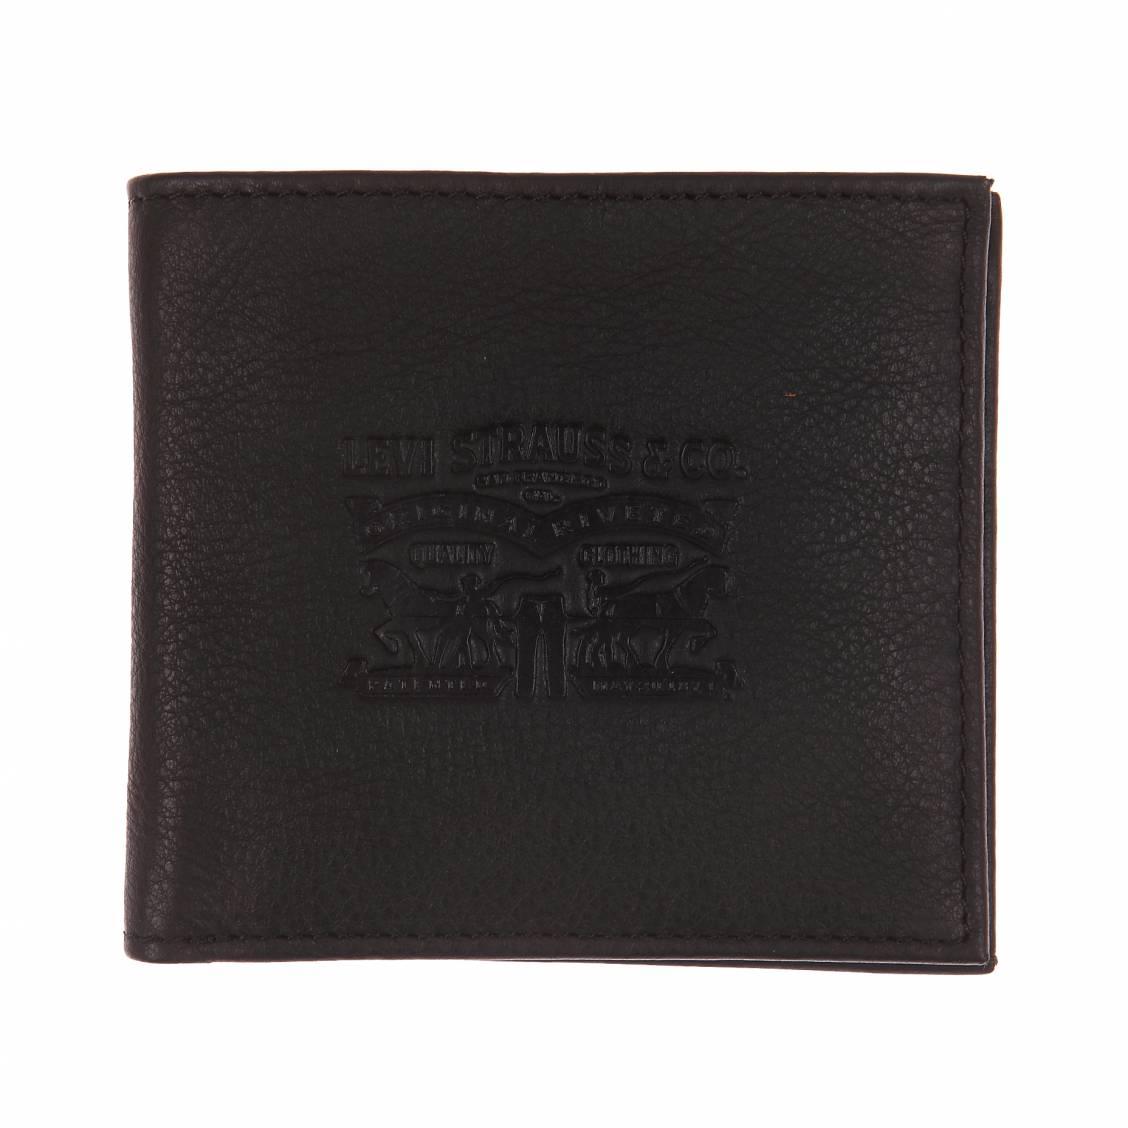 Portefeuille italien Levi's en cuir marron à intérieur en jean et porte-monnaie intégré hTuyN1